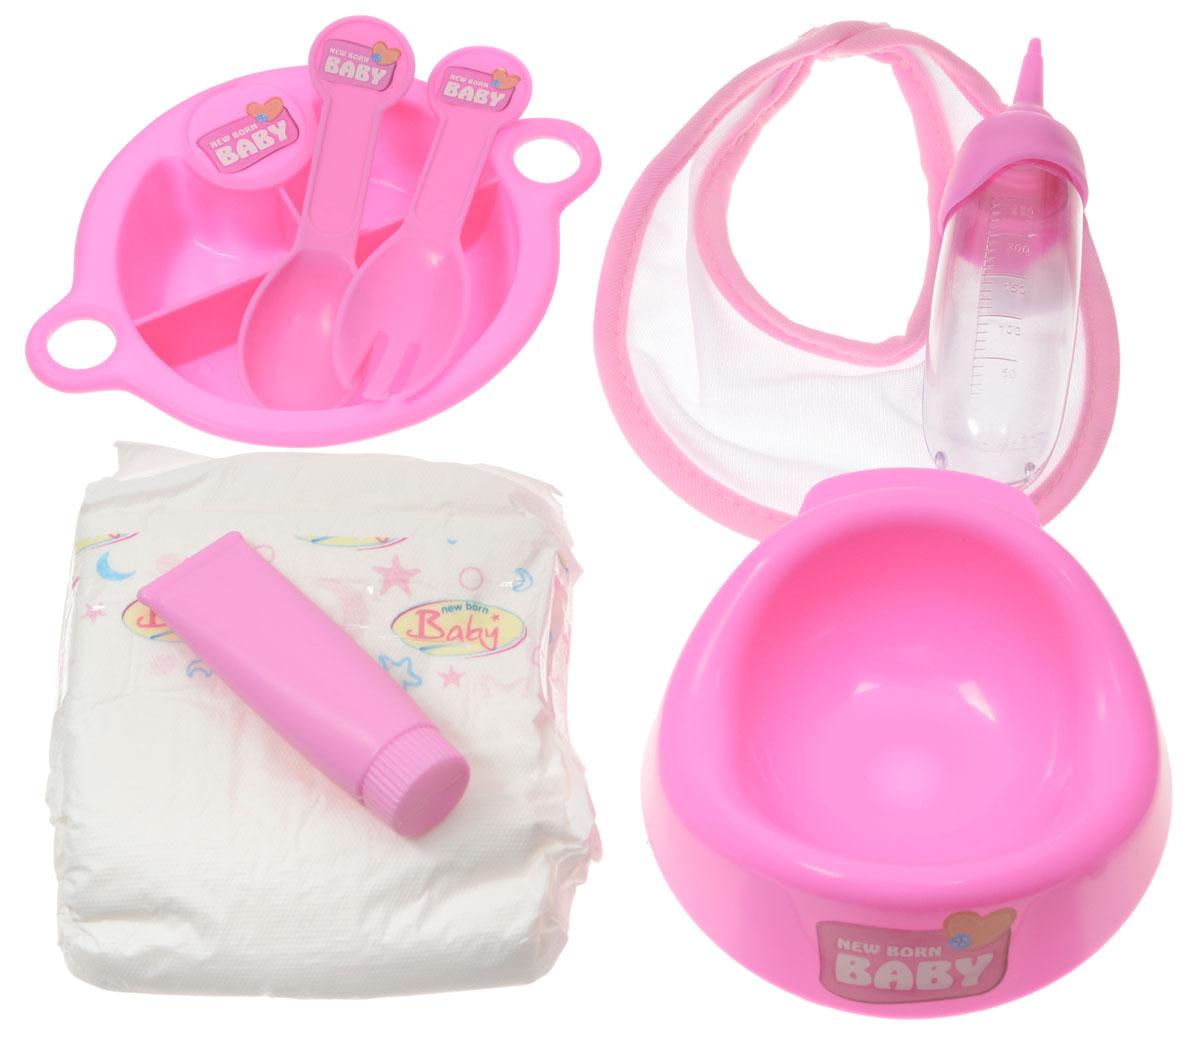 Simba Набор для кормления пупса New Born Baby цвет розовый5567210_розовыйНабор для кормления пупса Simba New Born Baby предназначен для кукол от 38 см до 43 см. Набор содержит 8 предметов: памперс, горшок, тарелочка, ложка, вилка, слюнявчик, бутылочка. Игры с куклами способствуют эмоциональному развитию, помогают формировать воображение и художественный вкус, а также разовьют в вашей малышке чувство ответственности и заботы. Набор сделает ролевые игры еще интересней! В комплект входит: памперс, горшок, тарелочка, ложка, вилка, слюнявчик, тюбик, бутылочка.